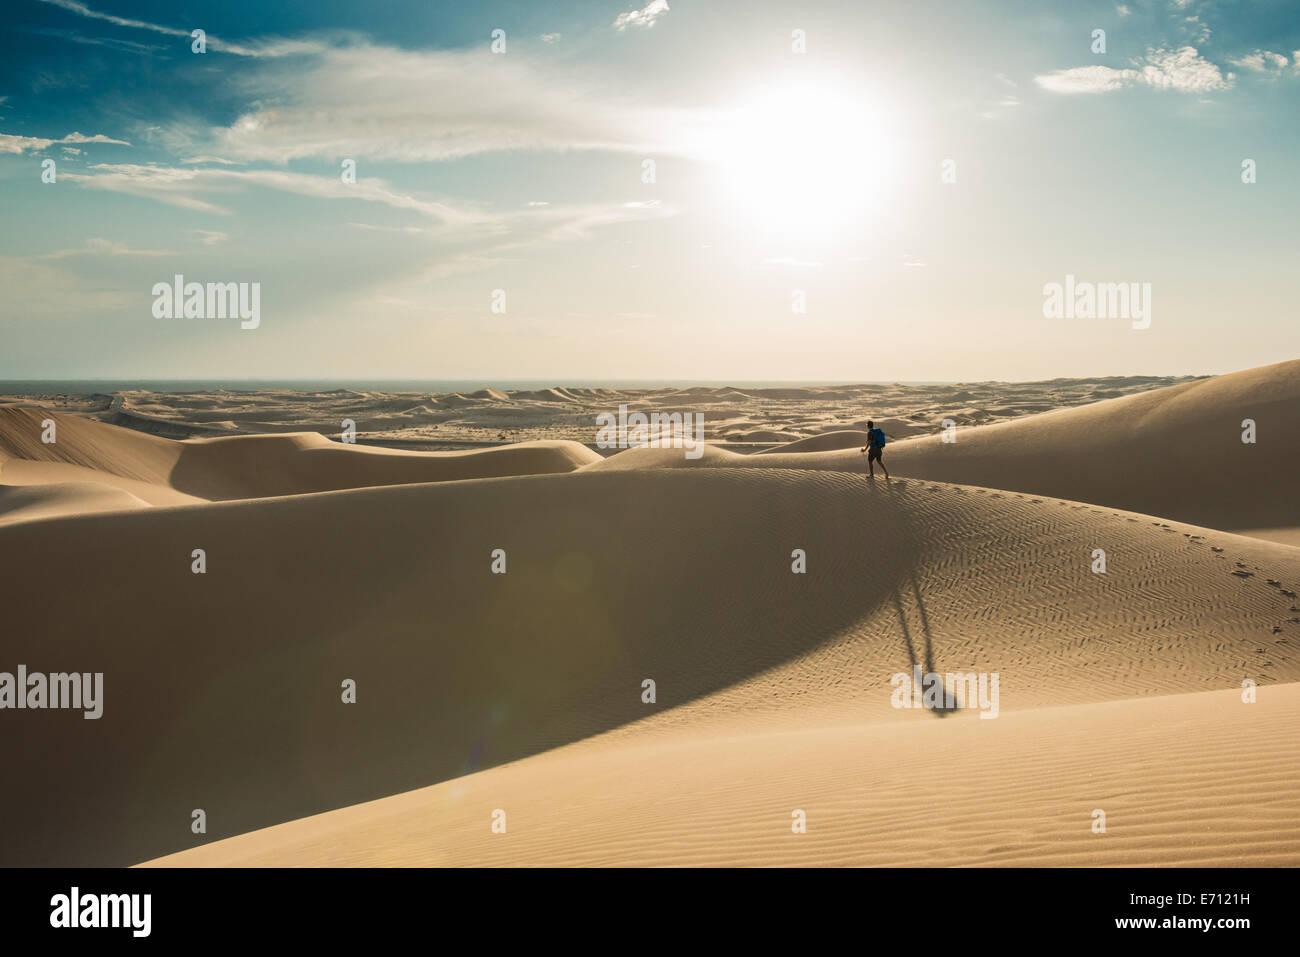 L'uomo escursionismo in Glamis dune di sabbia, CALIFORNIA, STATI UNITI D'AMERICA Foto Stock